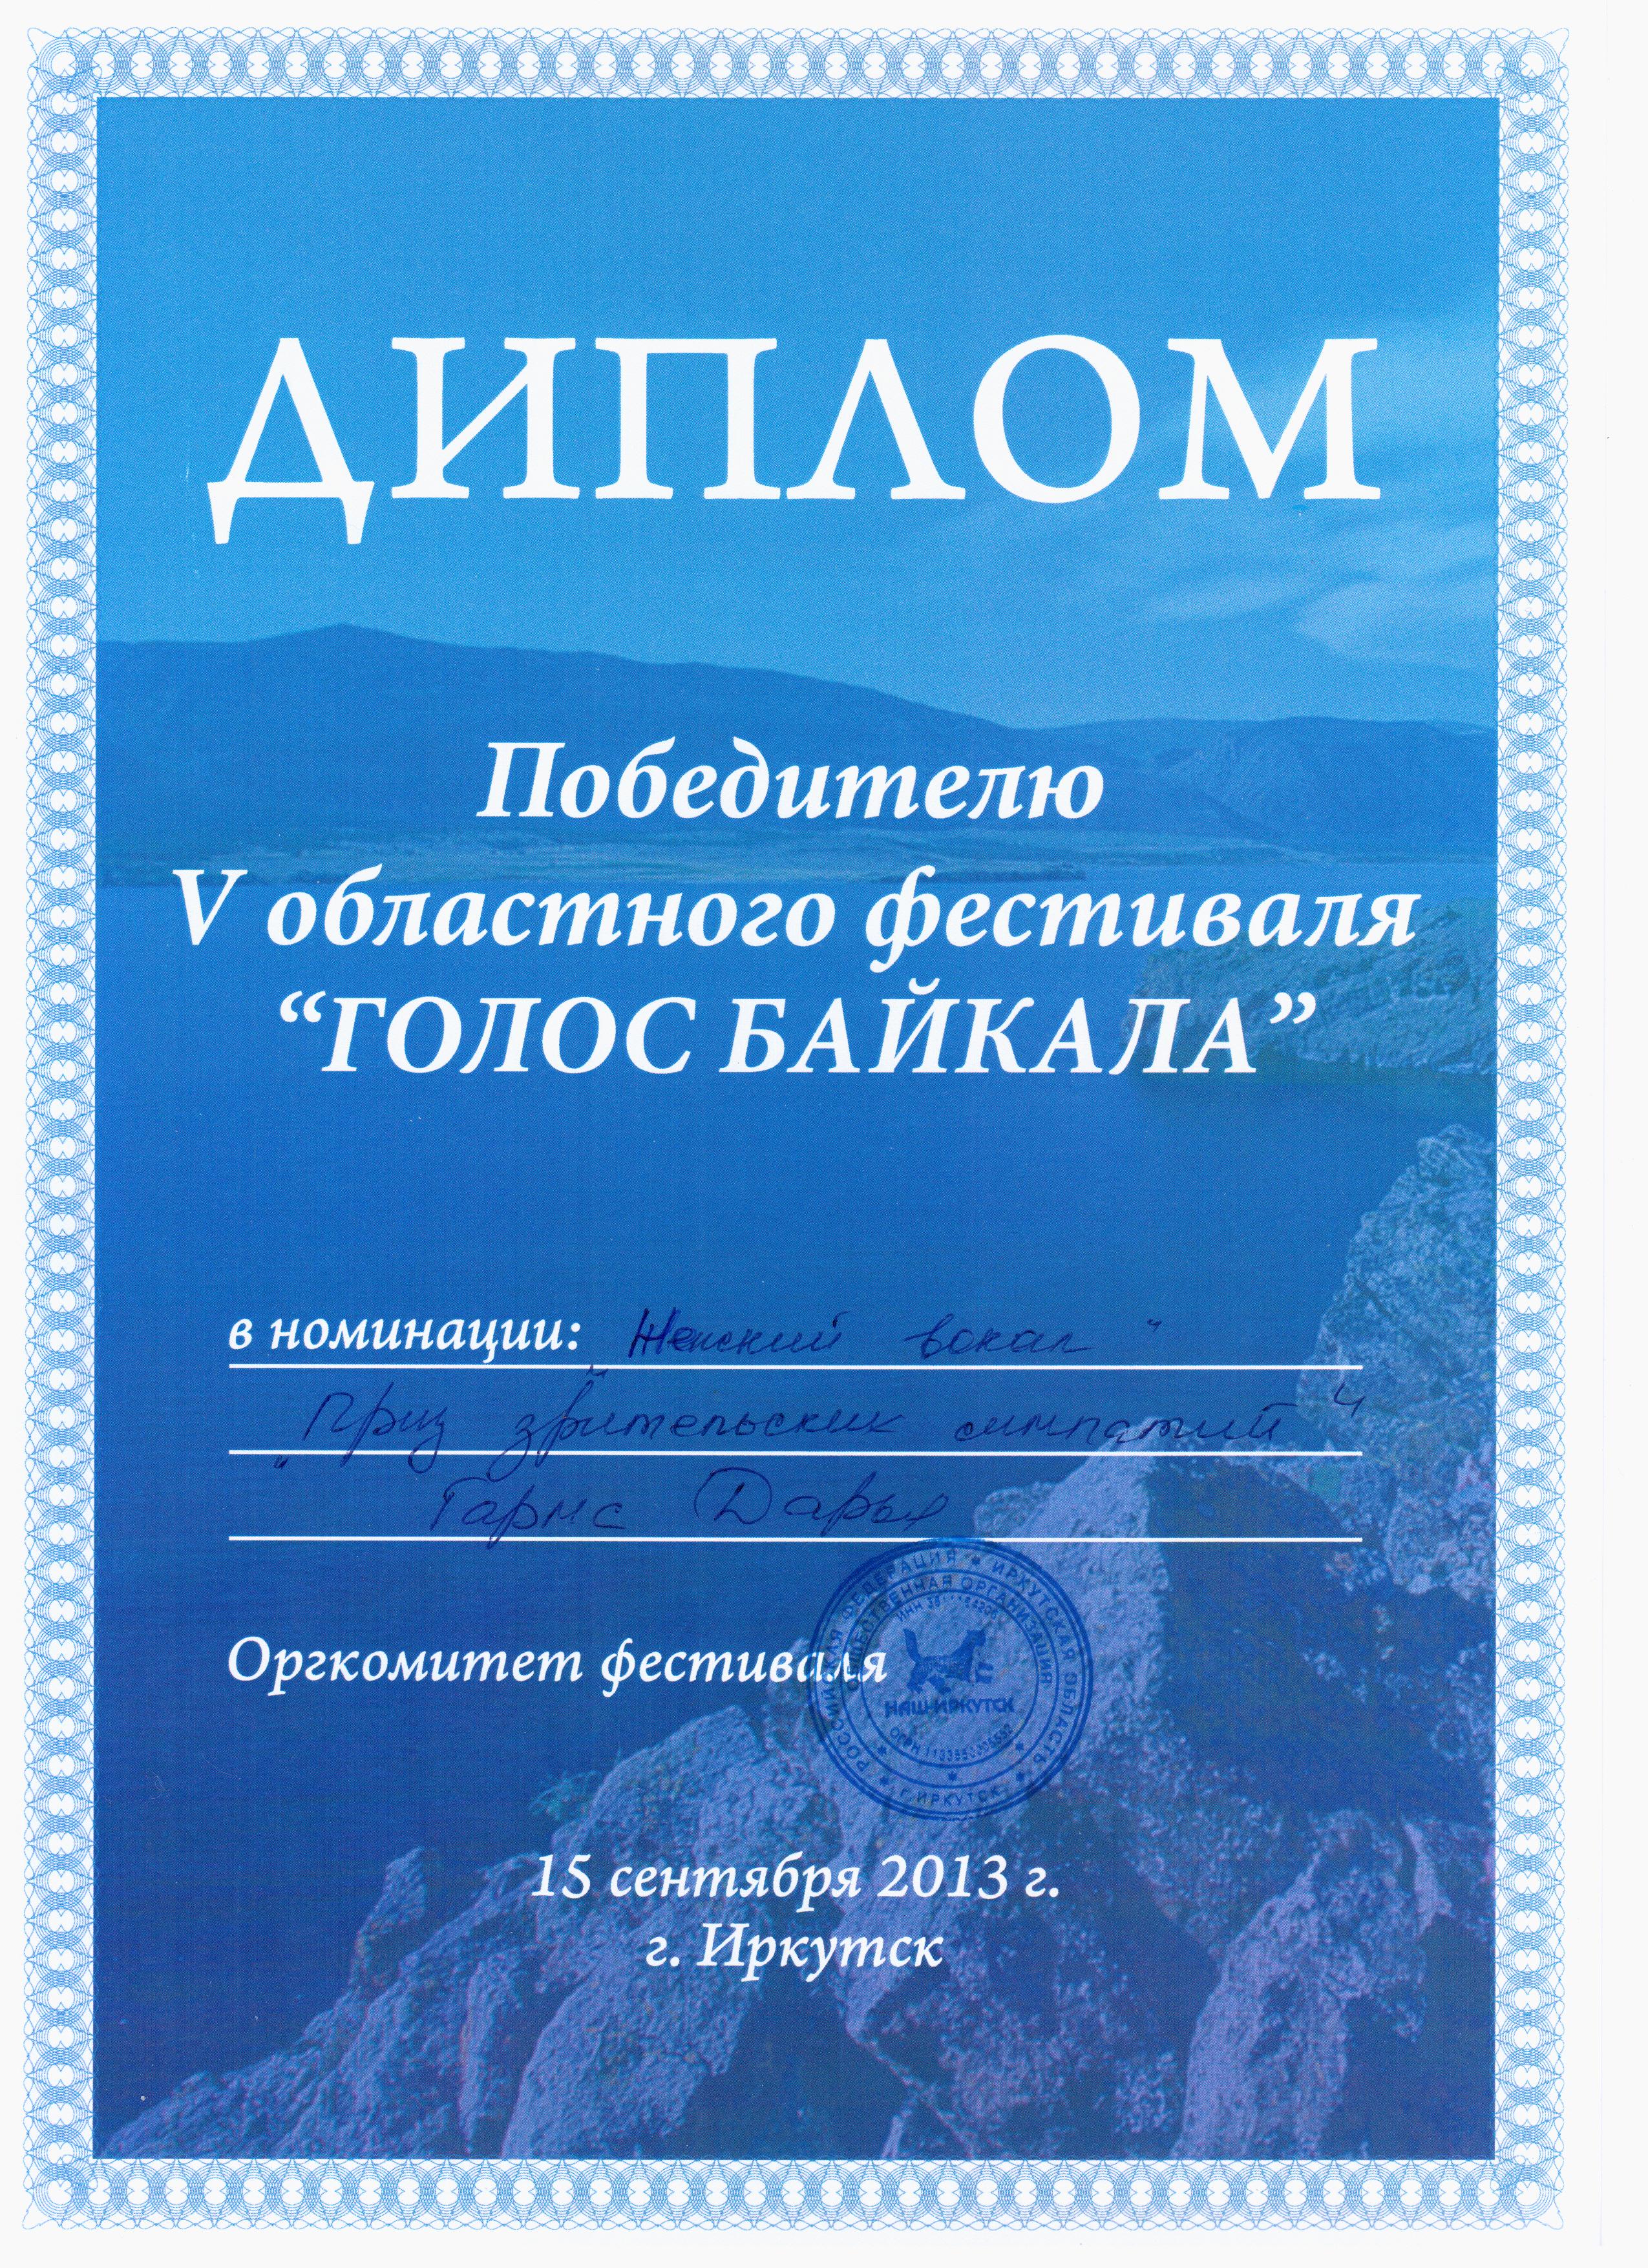 Голос Байкала